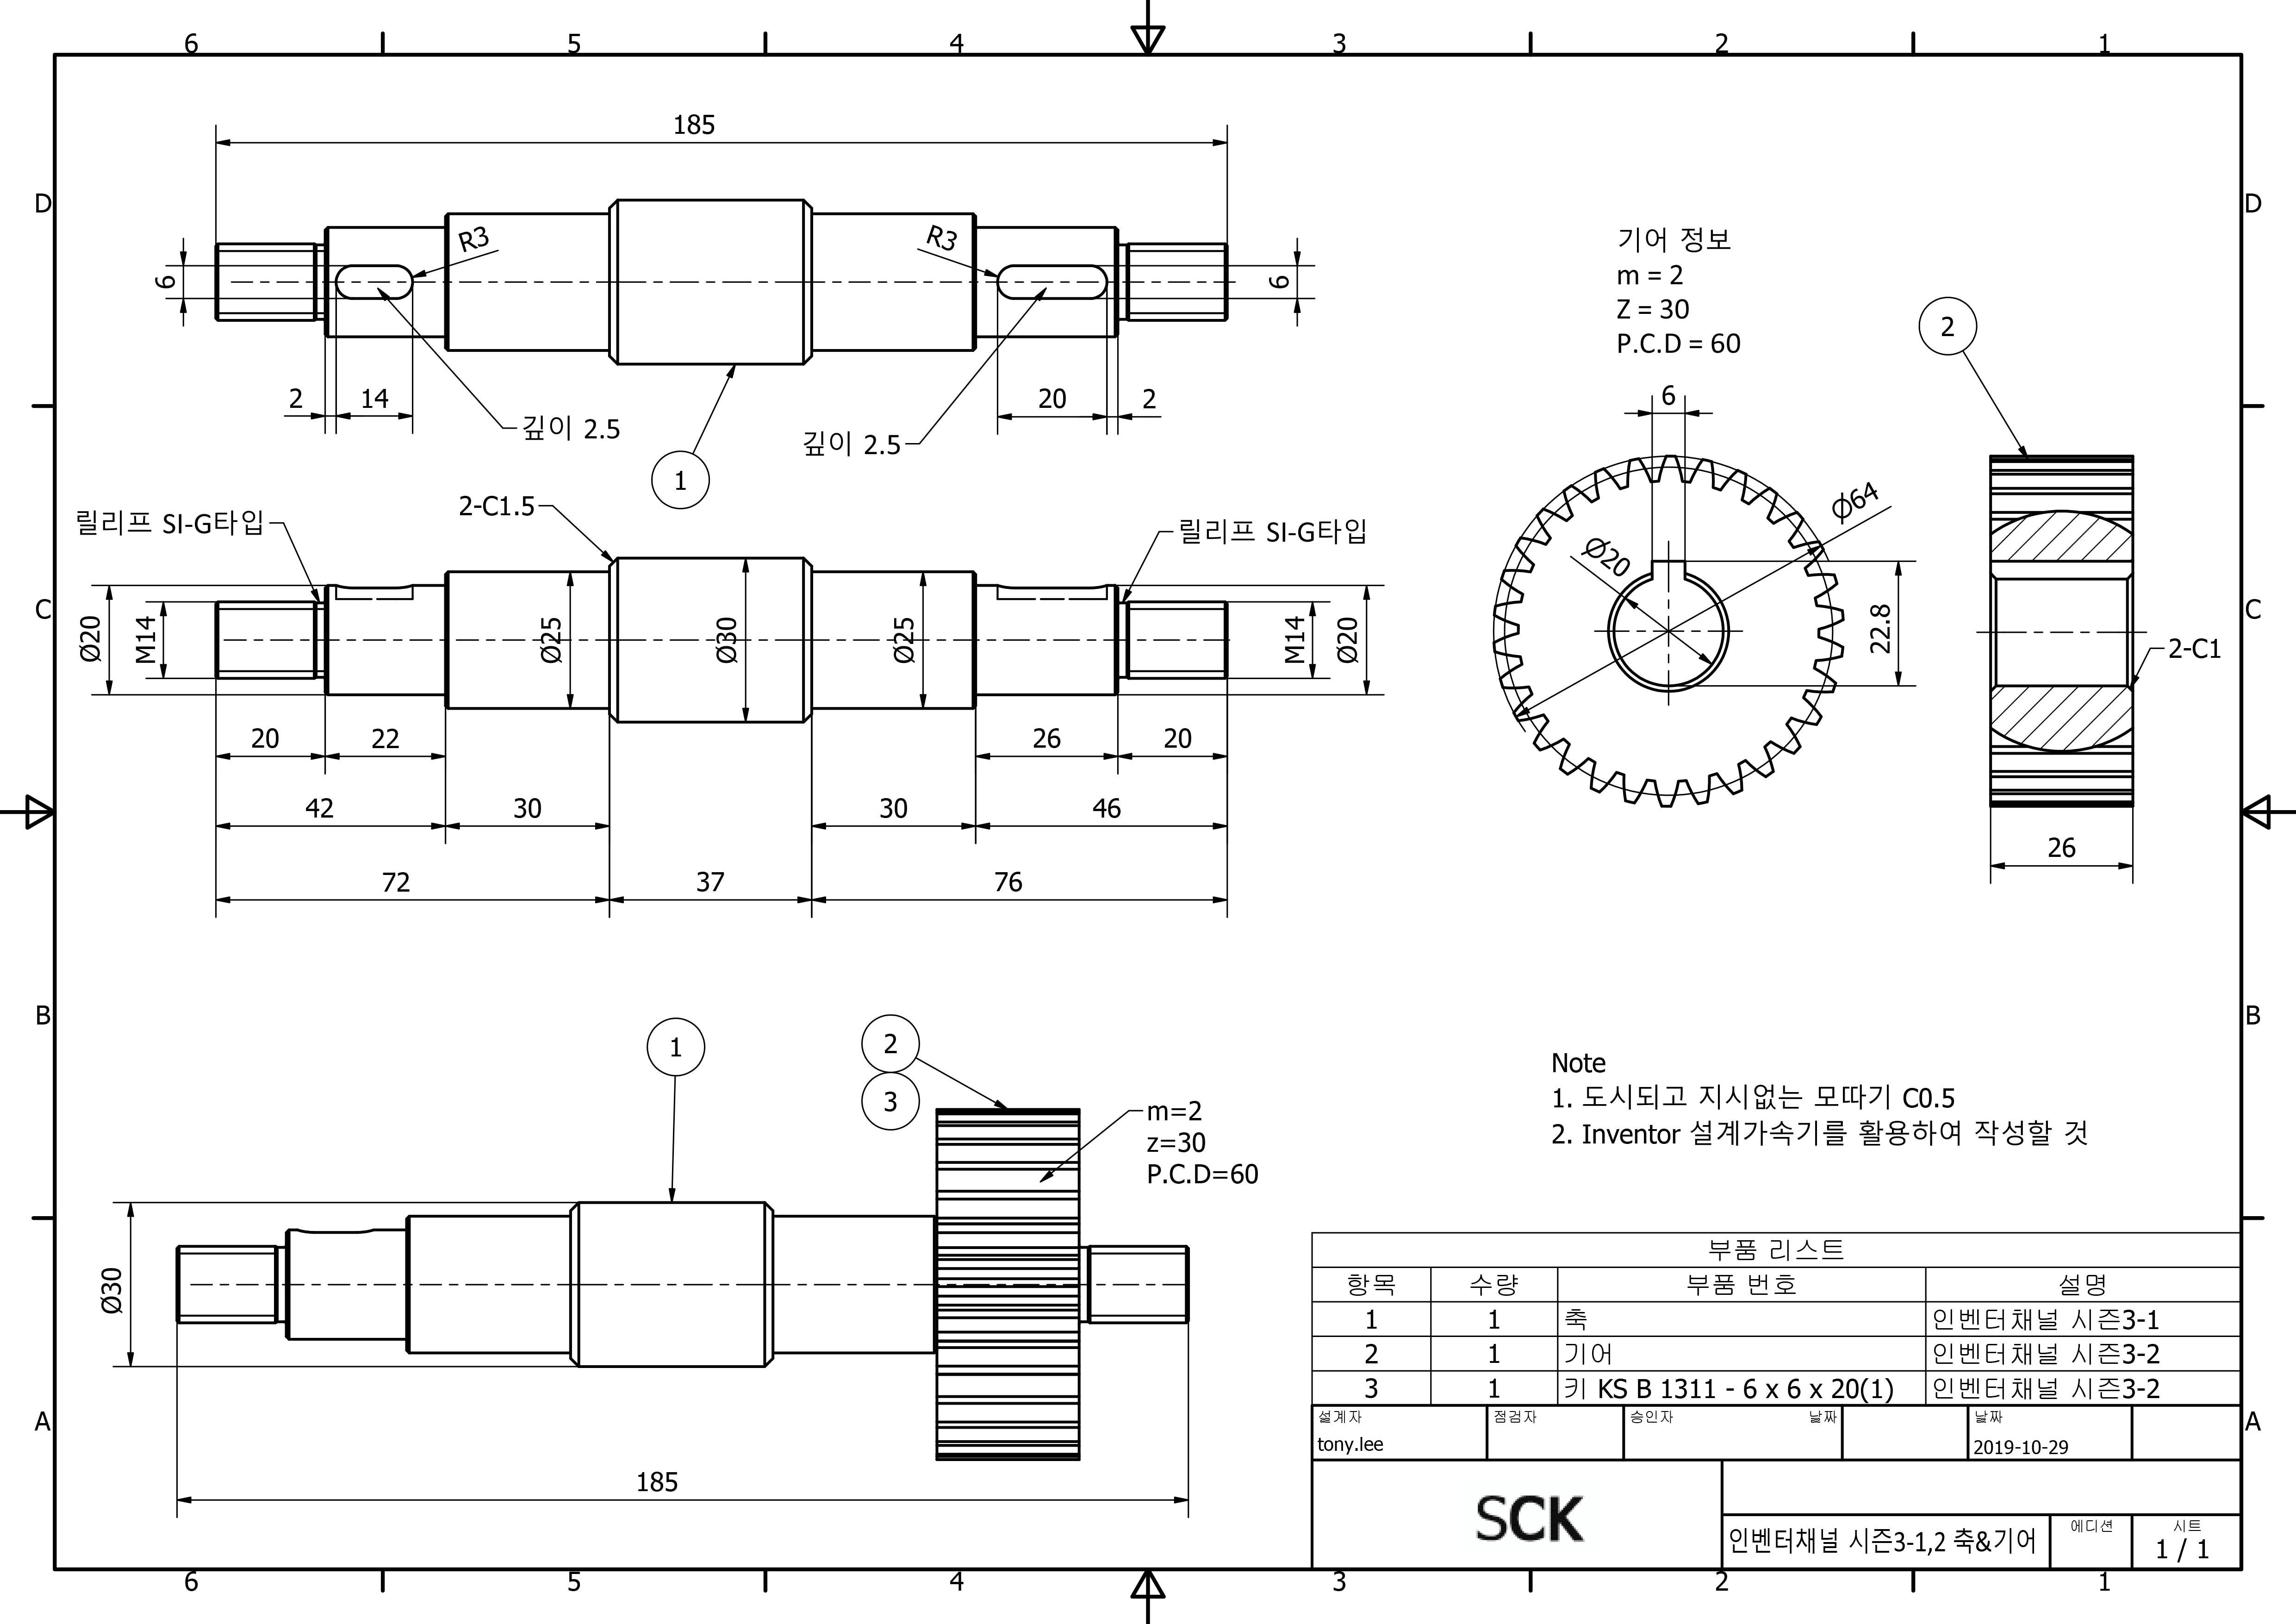 3. 설계가속기2탄 - 스퍼기어 자동 생성하기